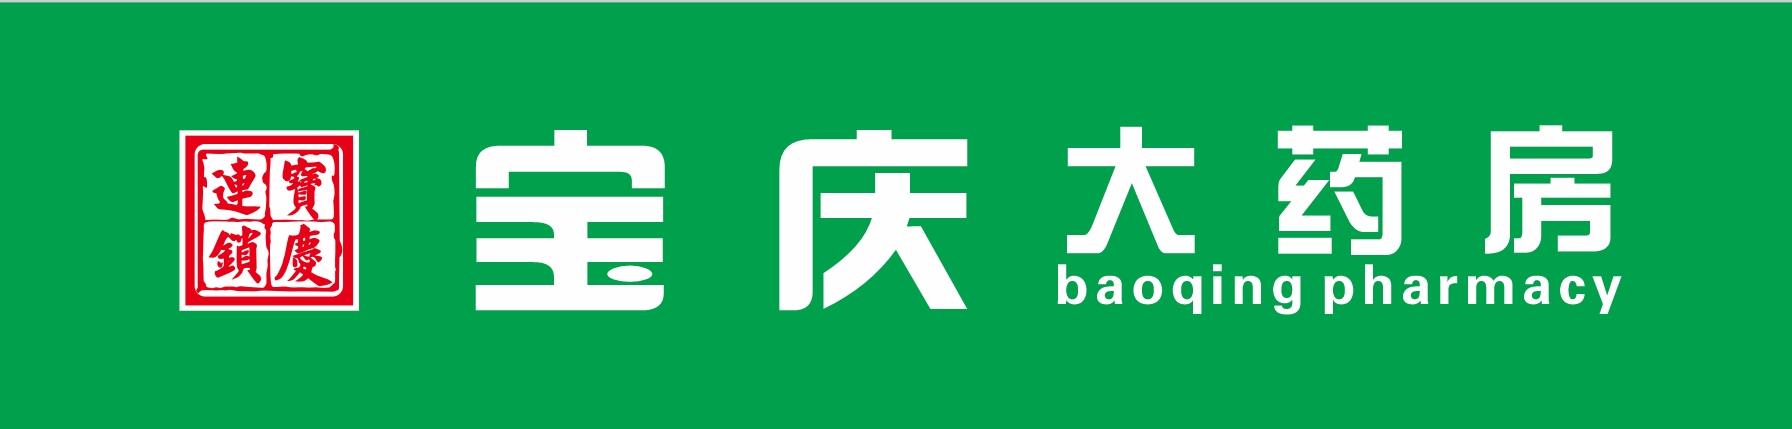 湖南宝庆医药有限公司-怀化招聘